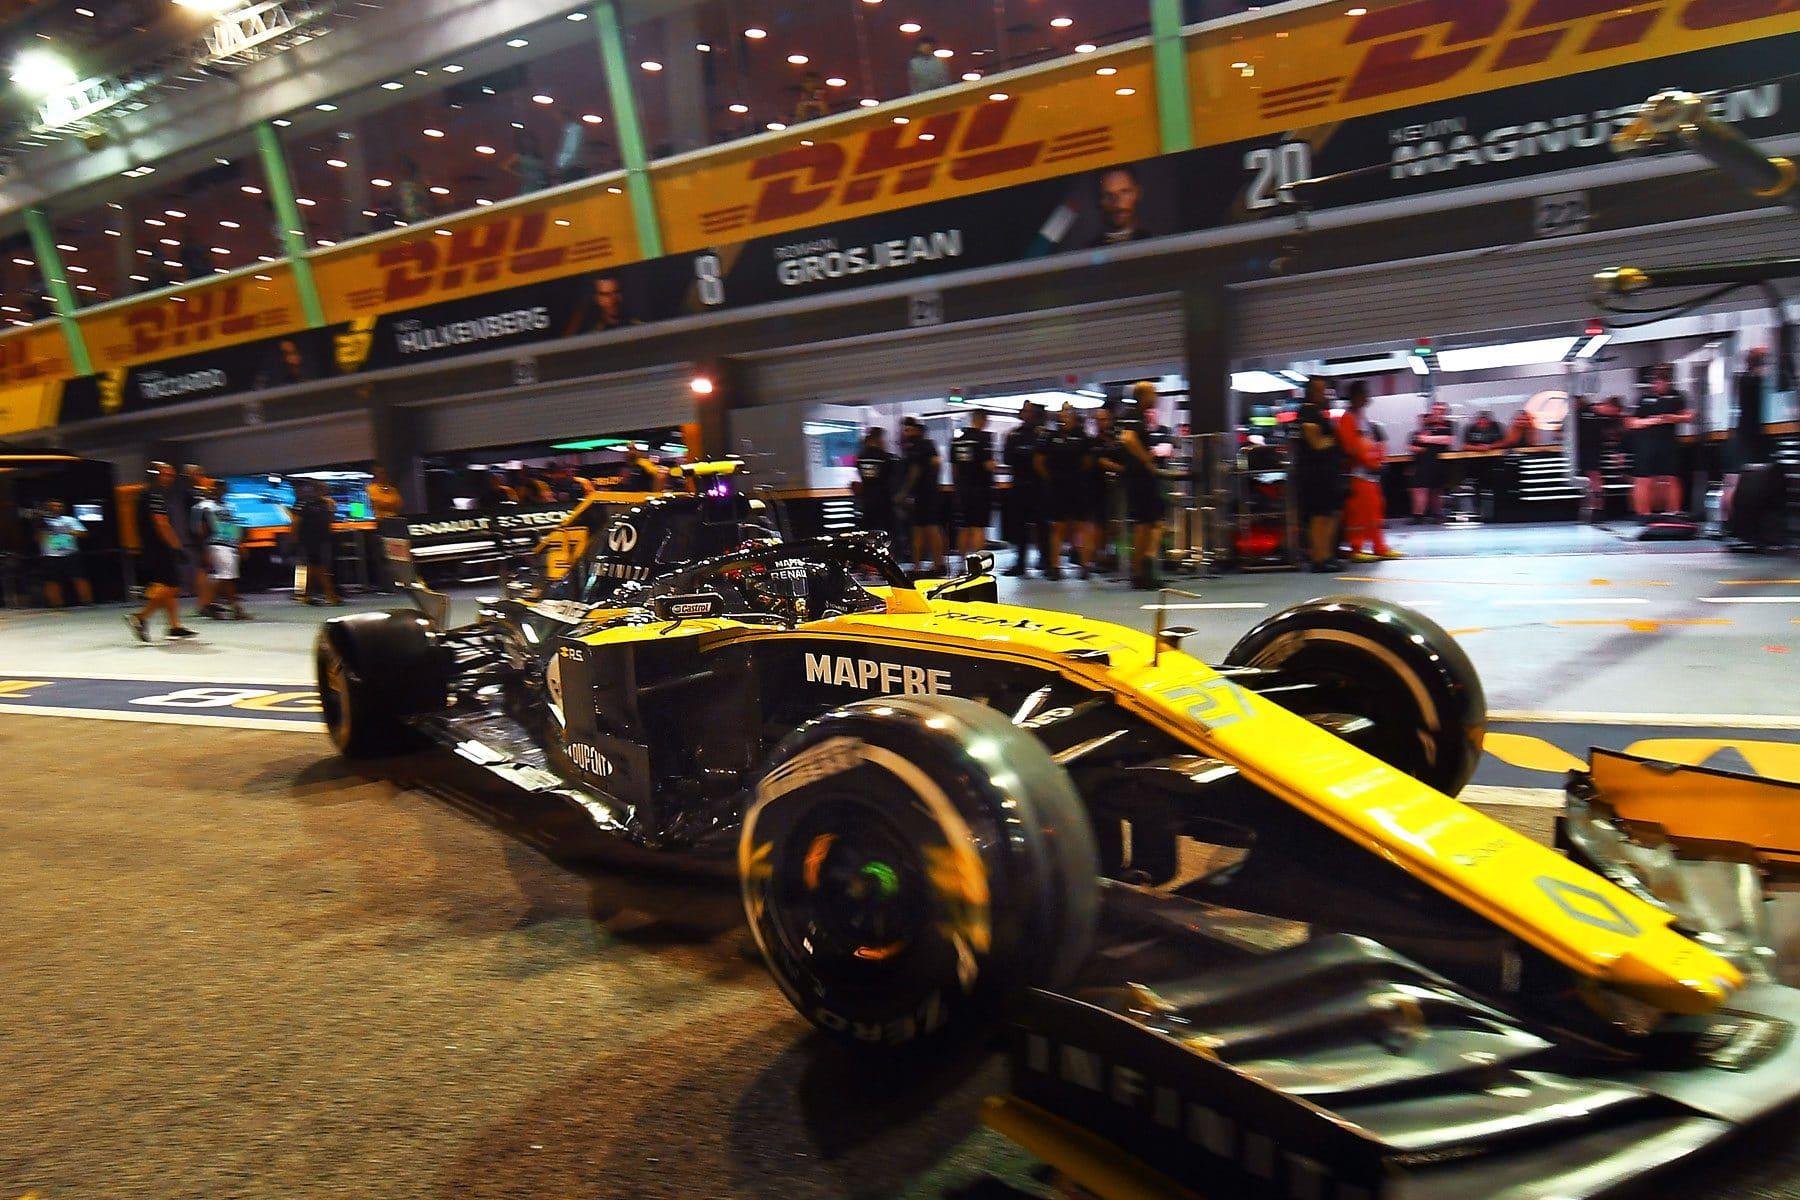 Singapores Grand Prix